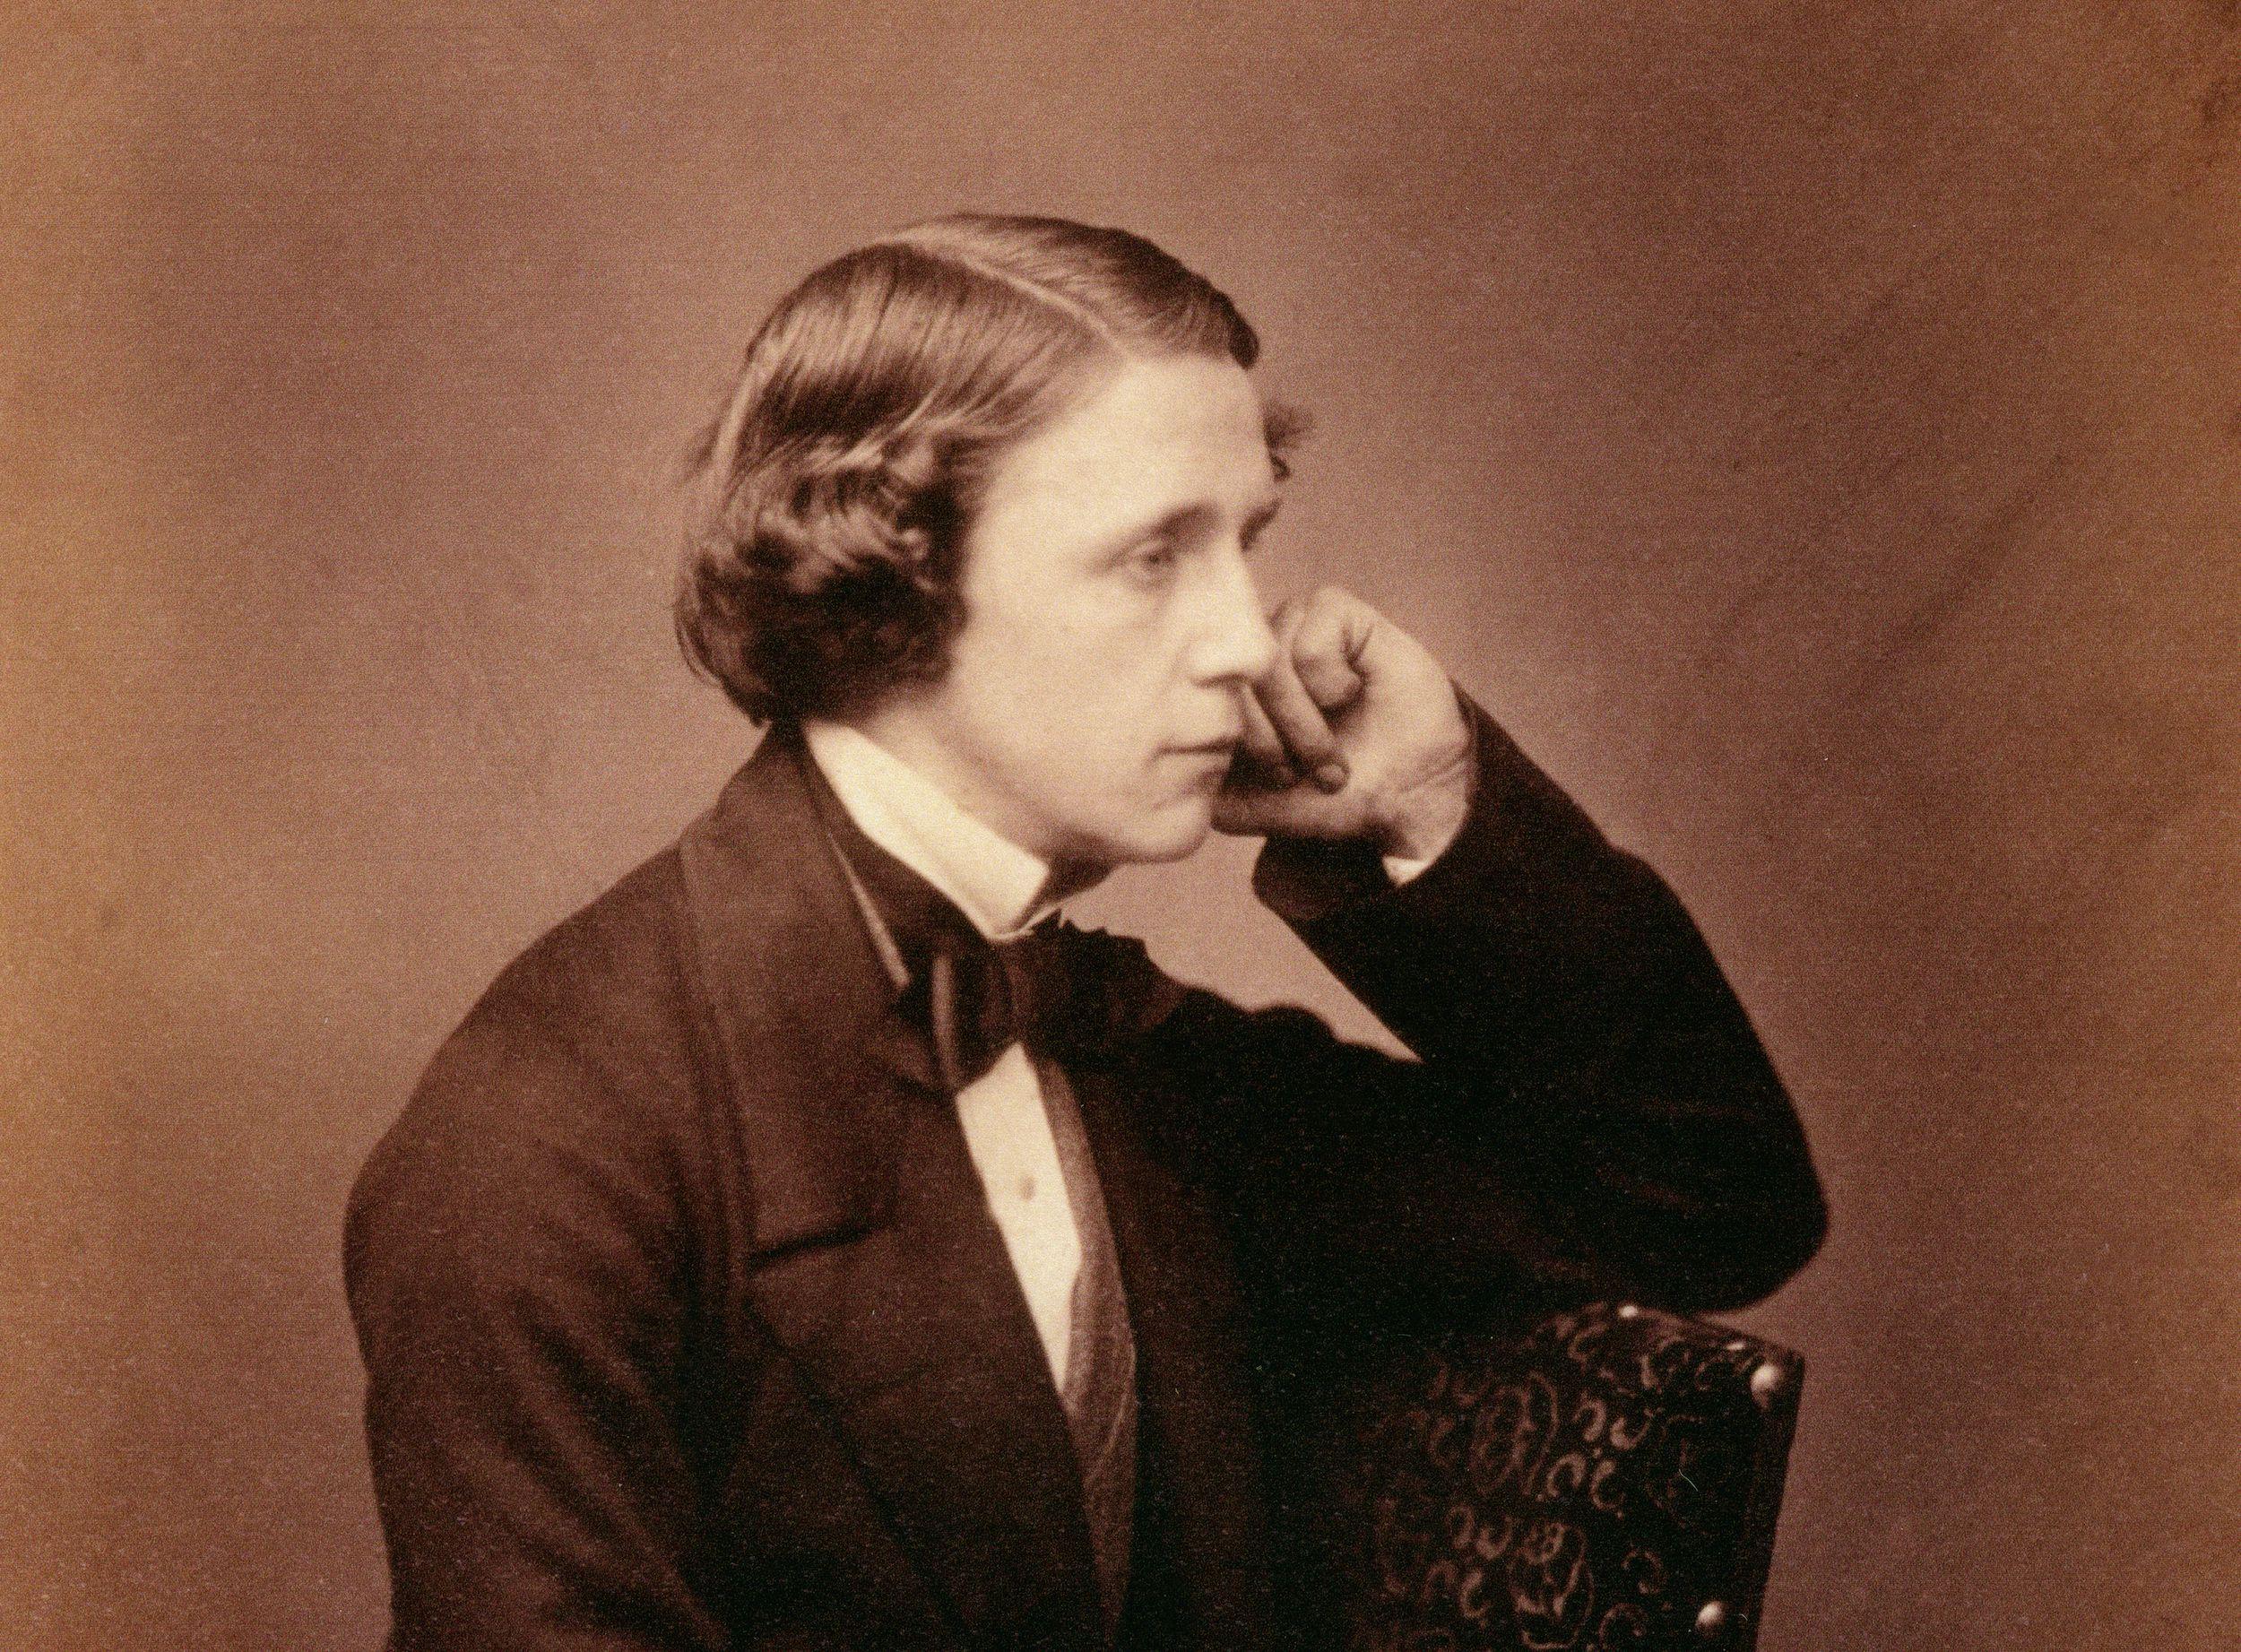 Biografia de Lewis Carroll, autor de livros infantis e matemático